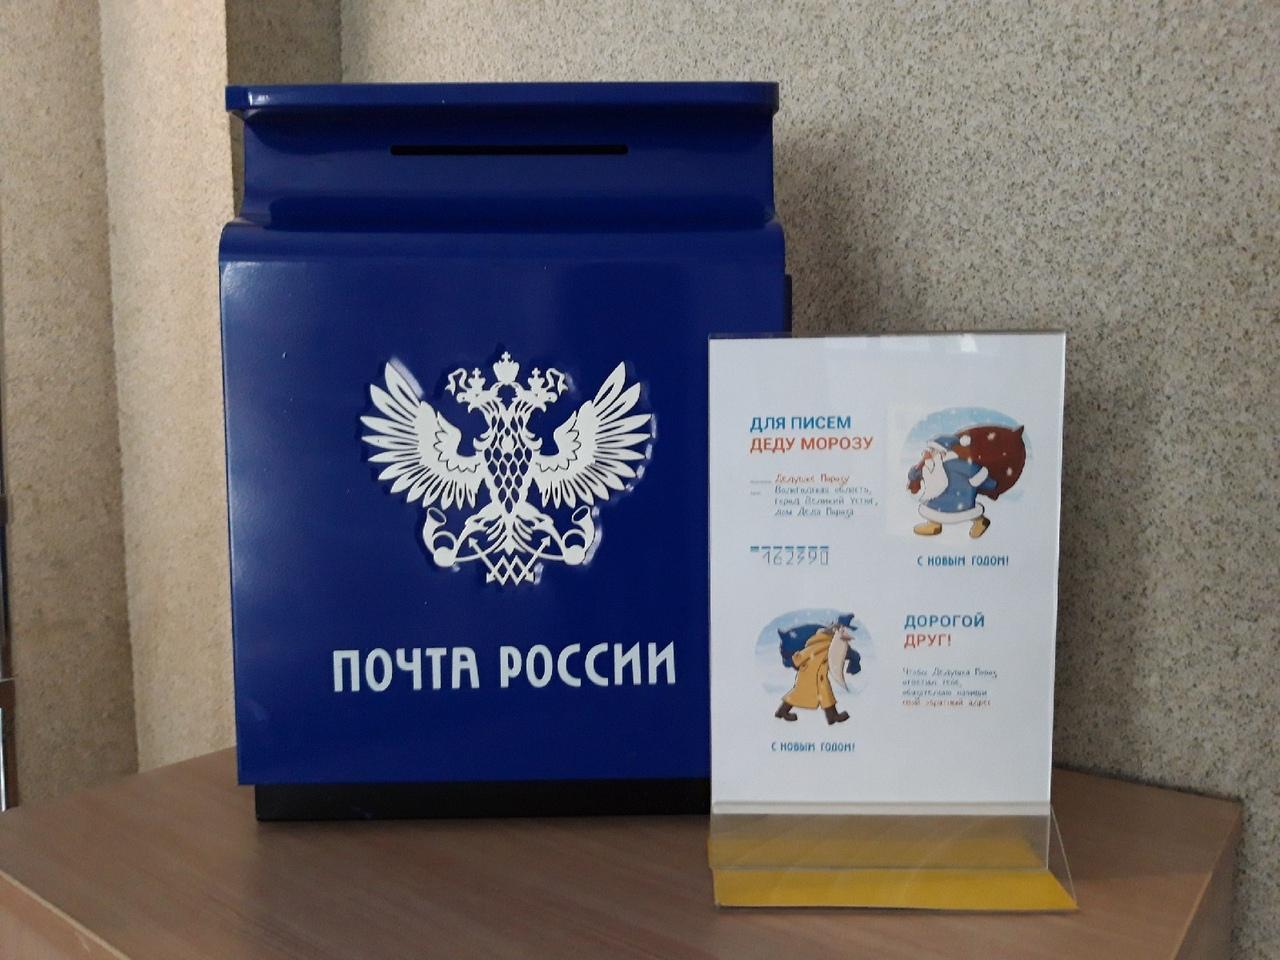 Топ-5 хороших новостей Кирова за 2 декабря